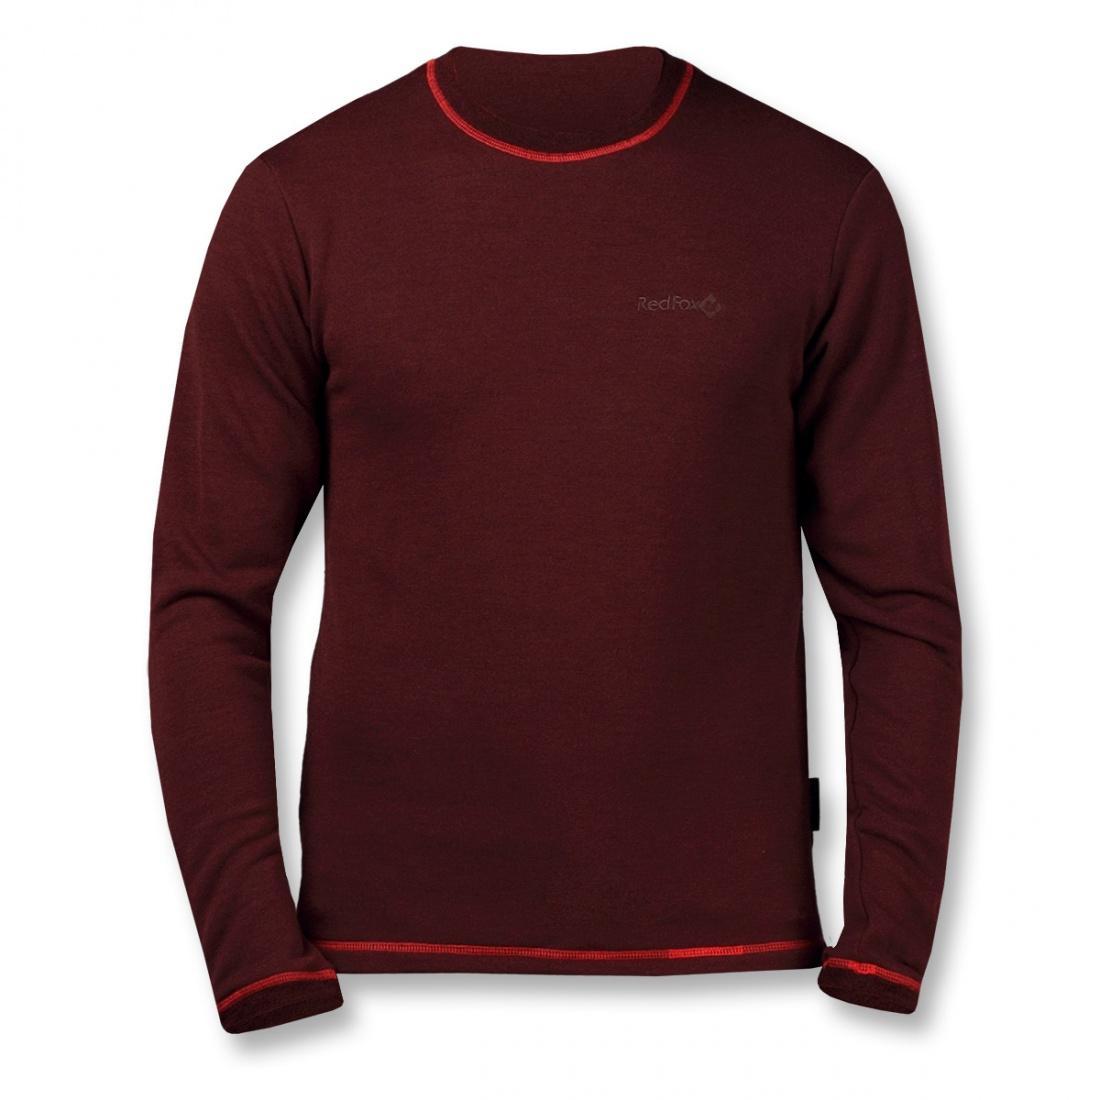 Термобелье футболка Wool DryФутболки<br>Тёплая футболка с длинными рукавами. Предназначена для использовании в качестве нижнего слоя в суровых погодных условиях. Благодаря испол...<br><br>Цвет: Красный<br>Размер: 56